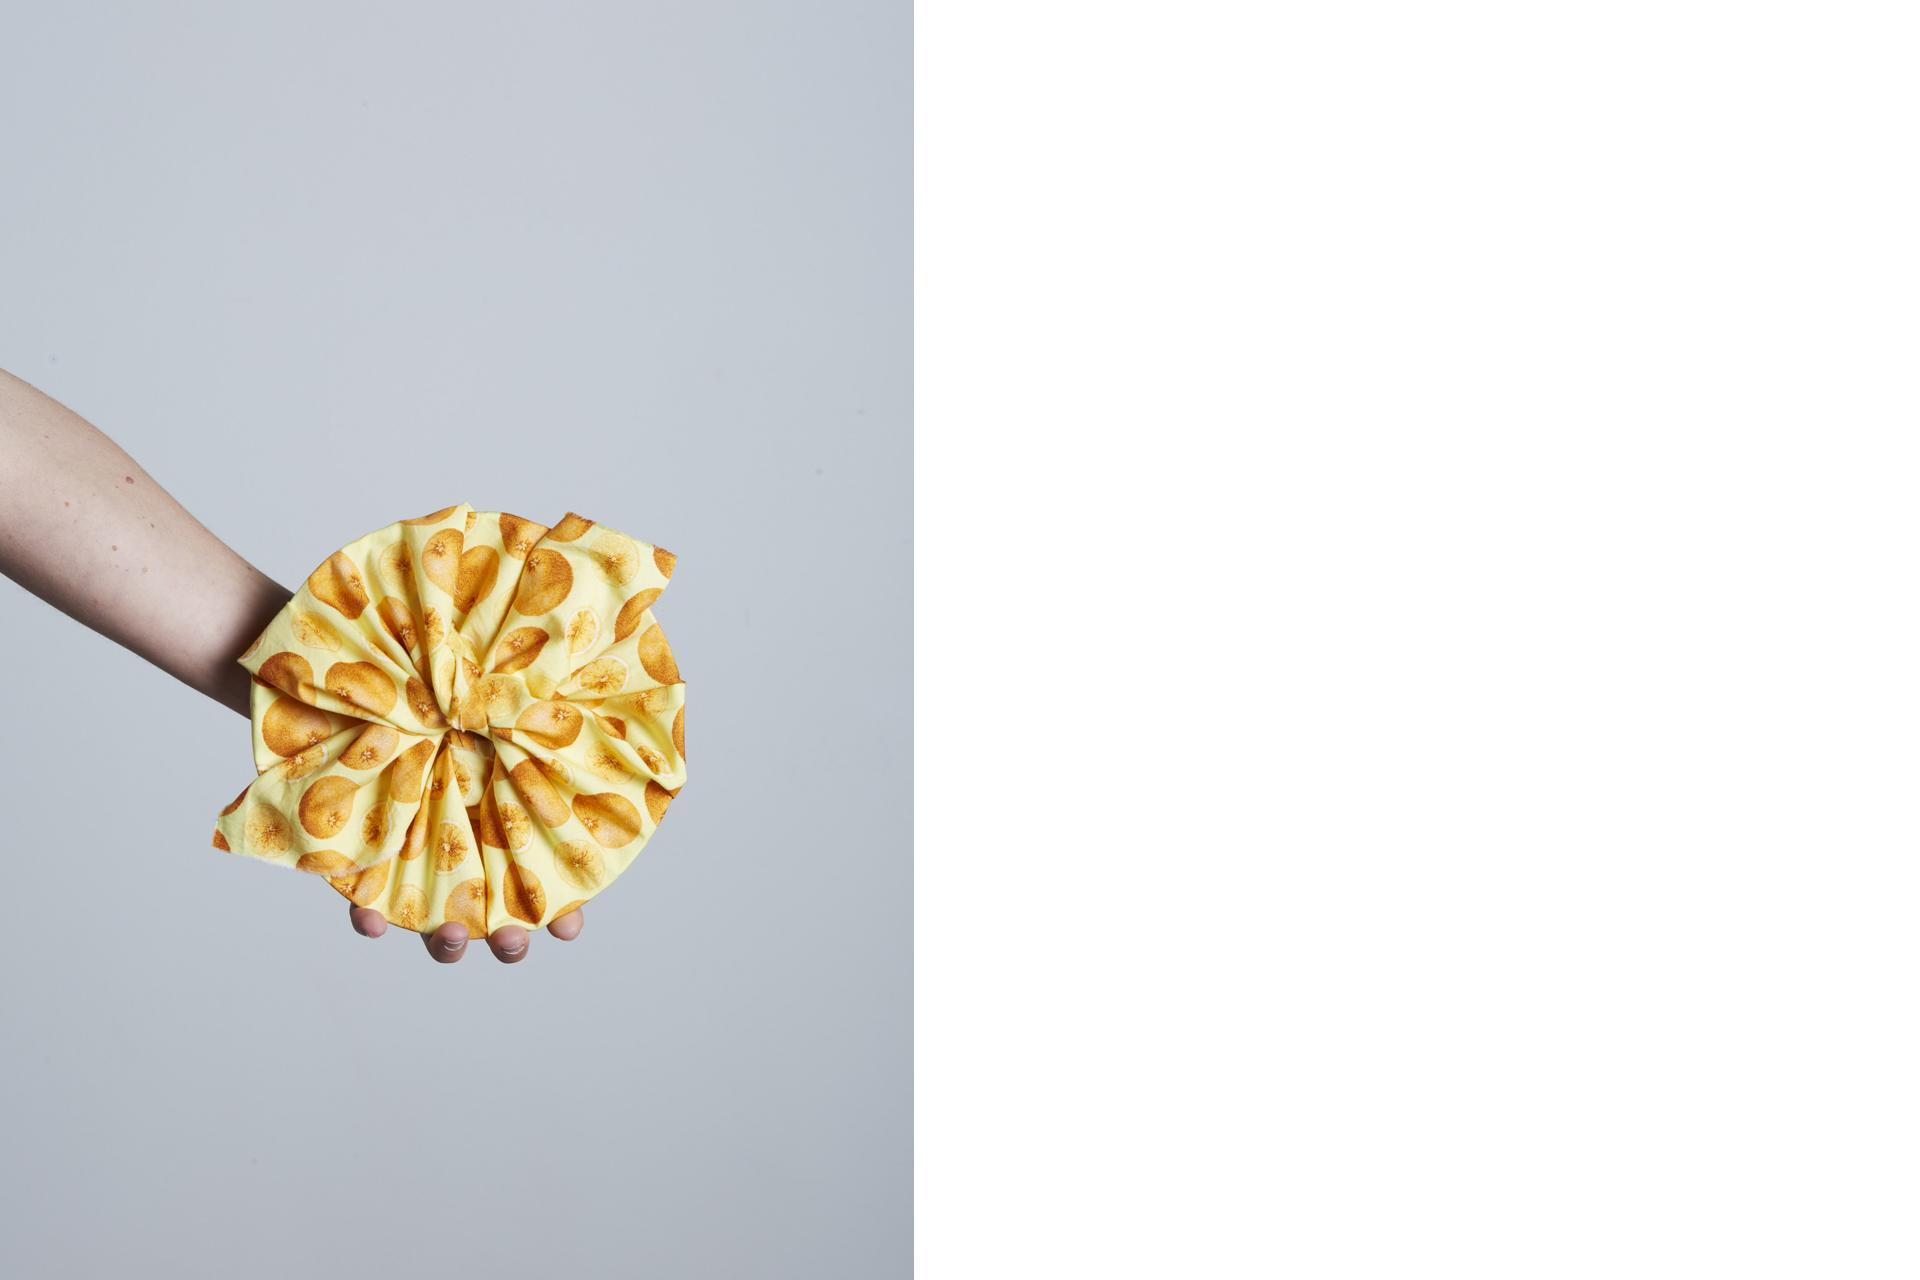 ceramica avvolta in un tessuto colorato e tenuta in mano dall'artigiana - Federica Ramacciotti